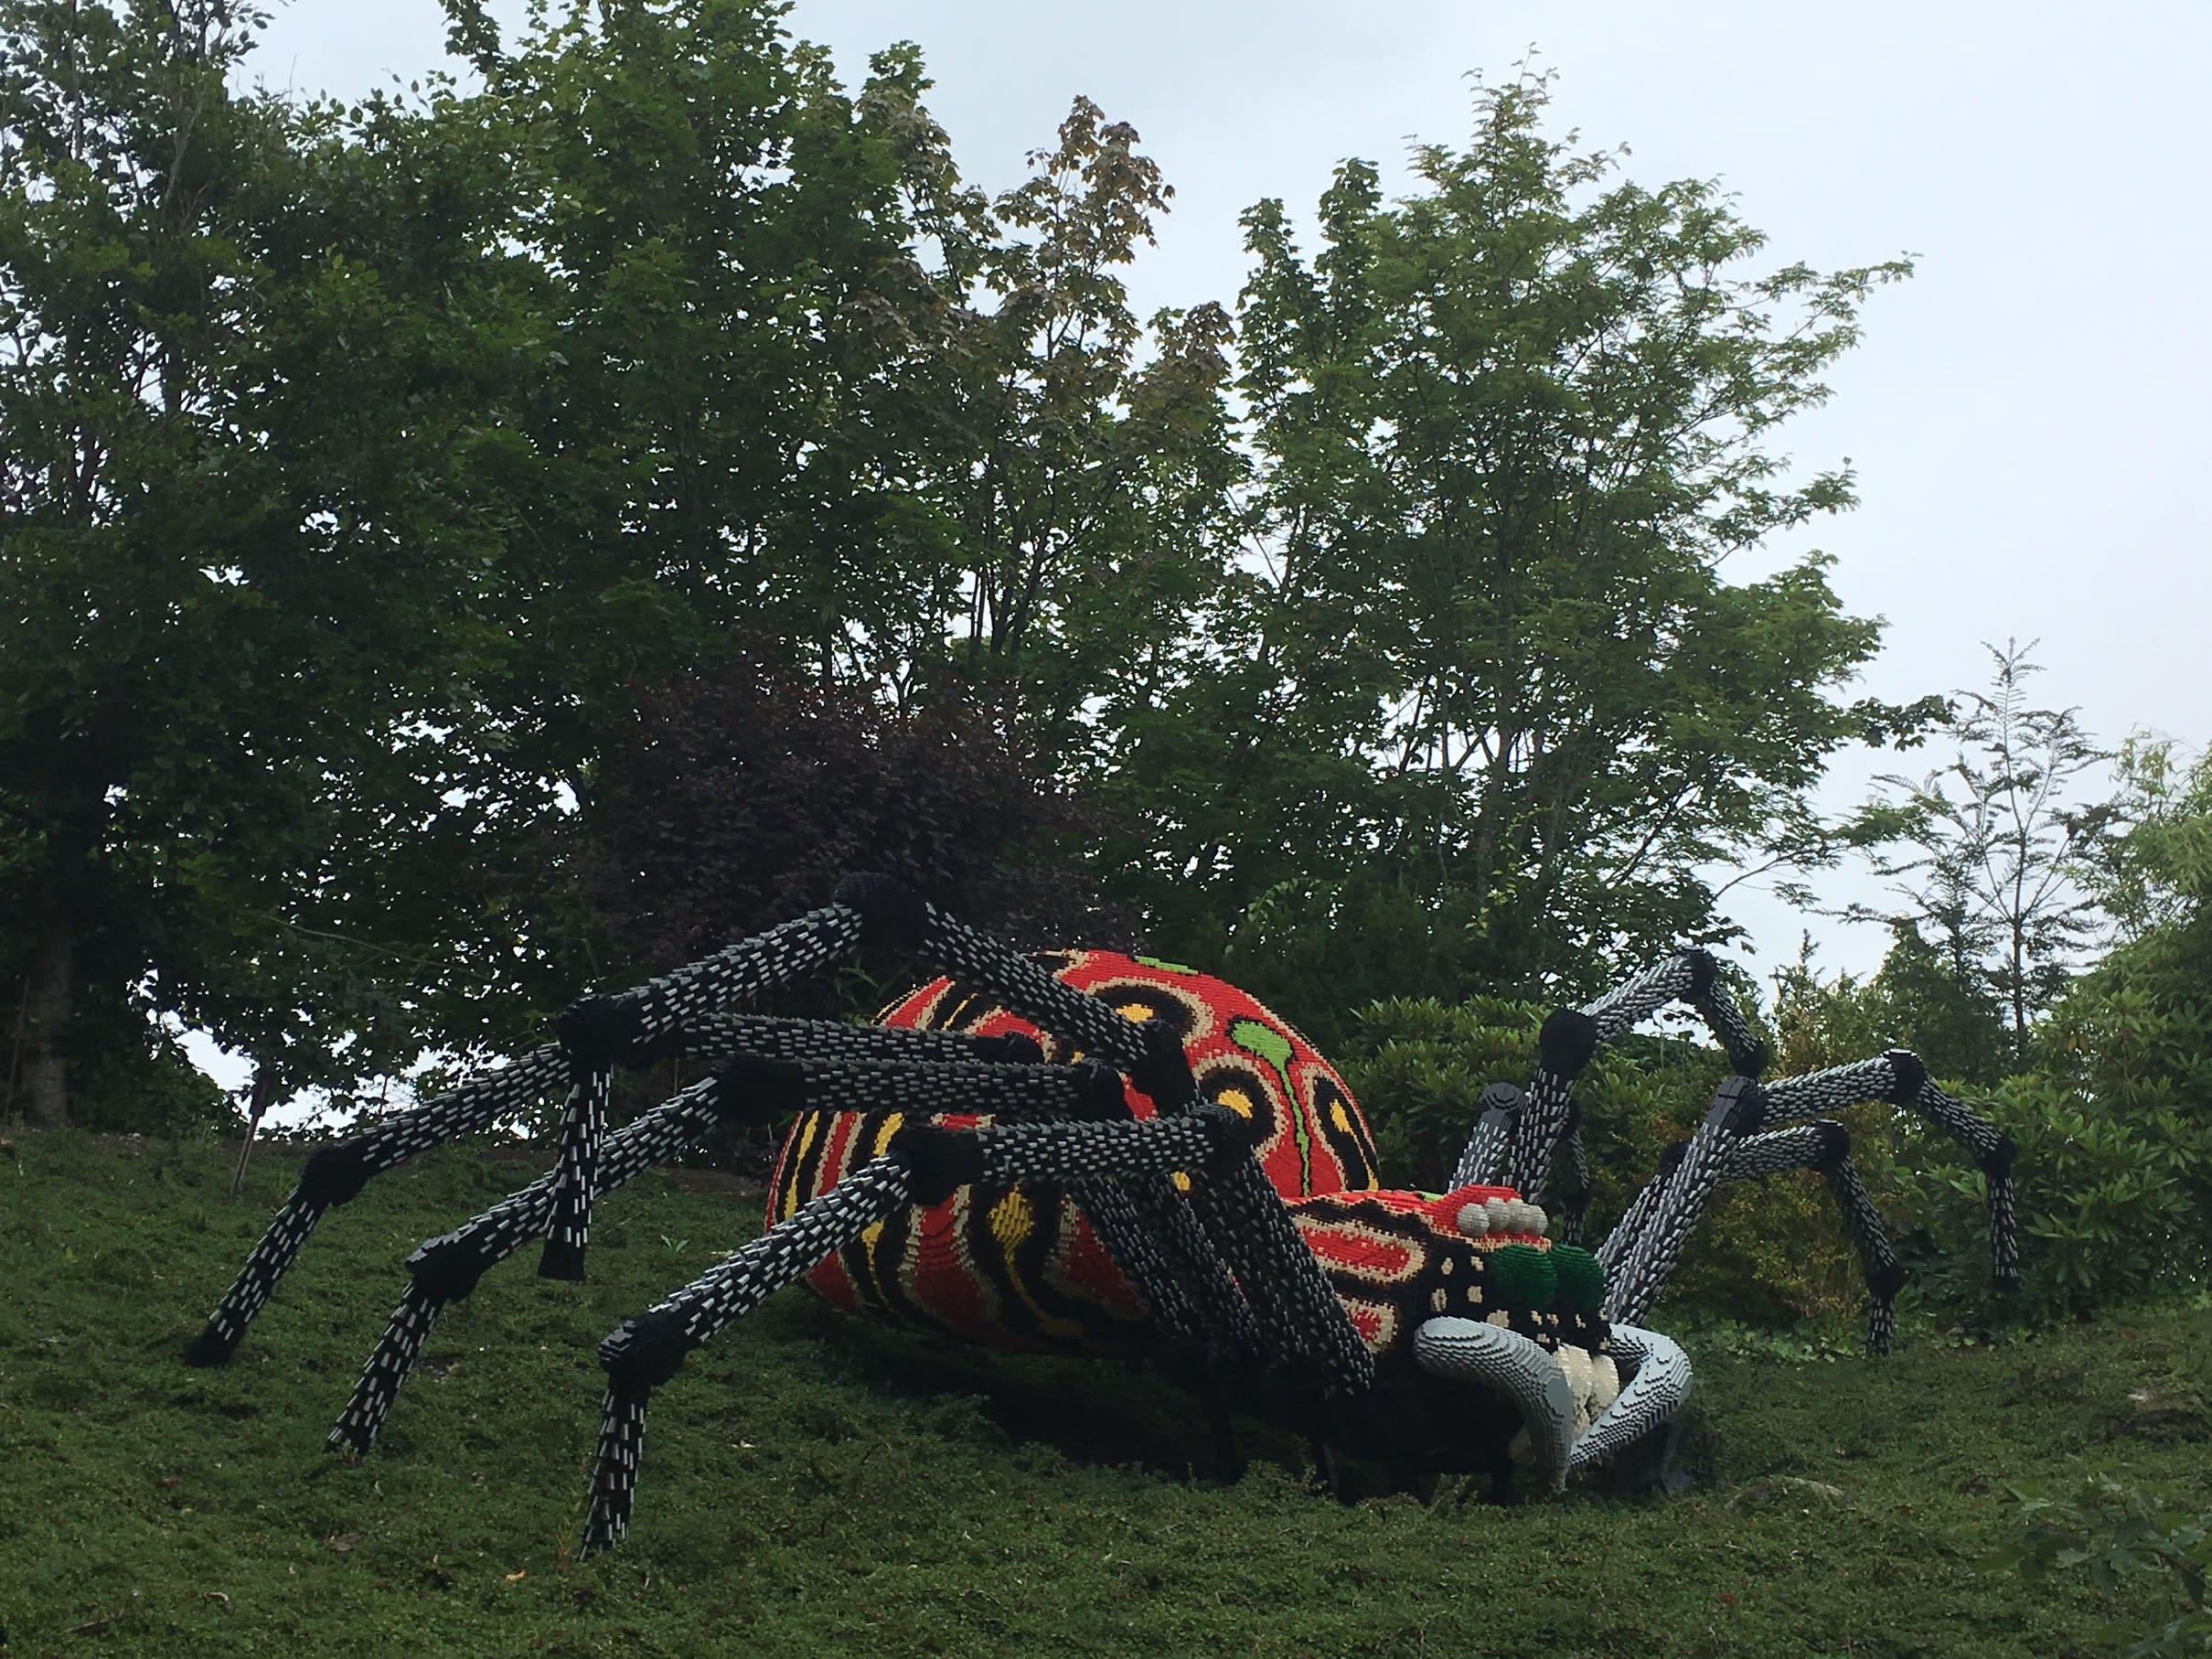 Legoland spider